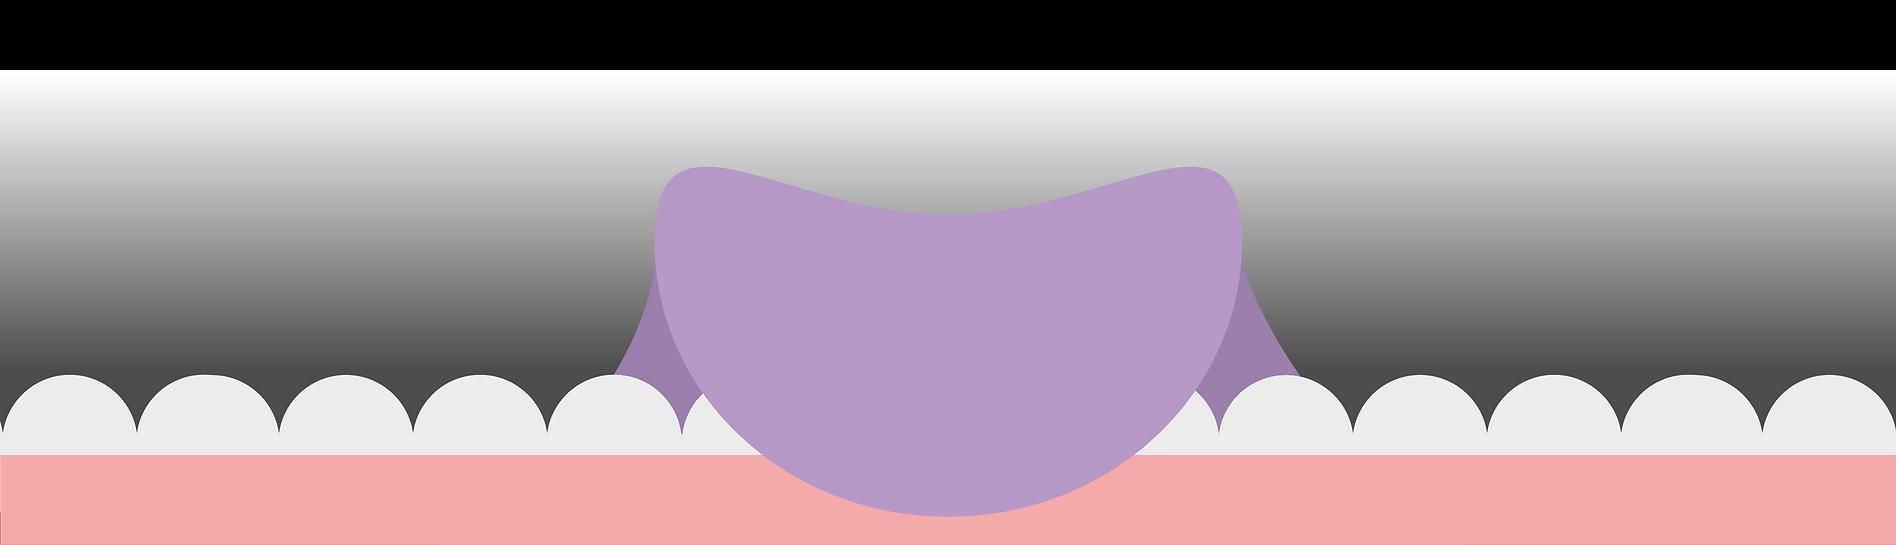 tongue final-69.png